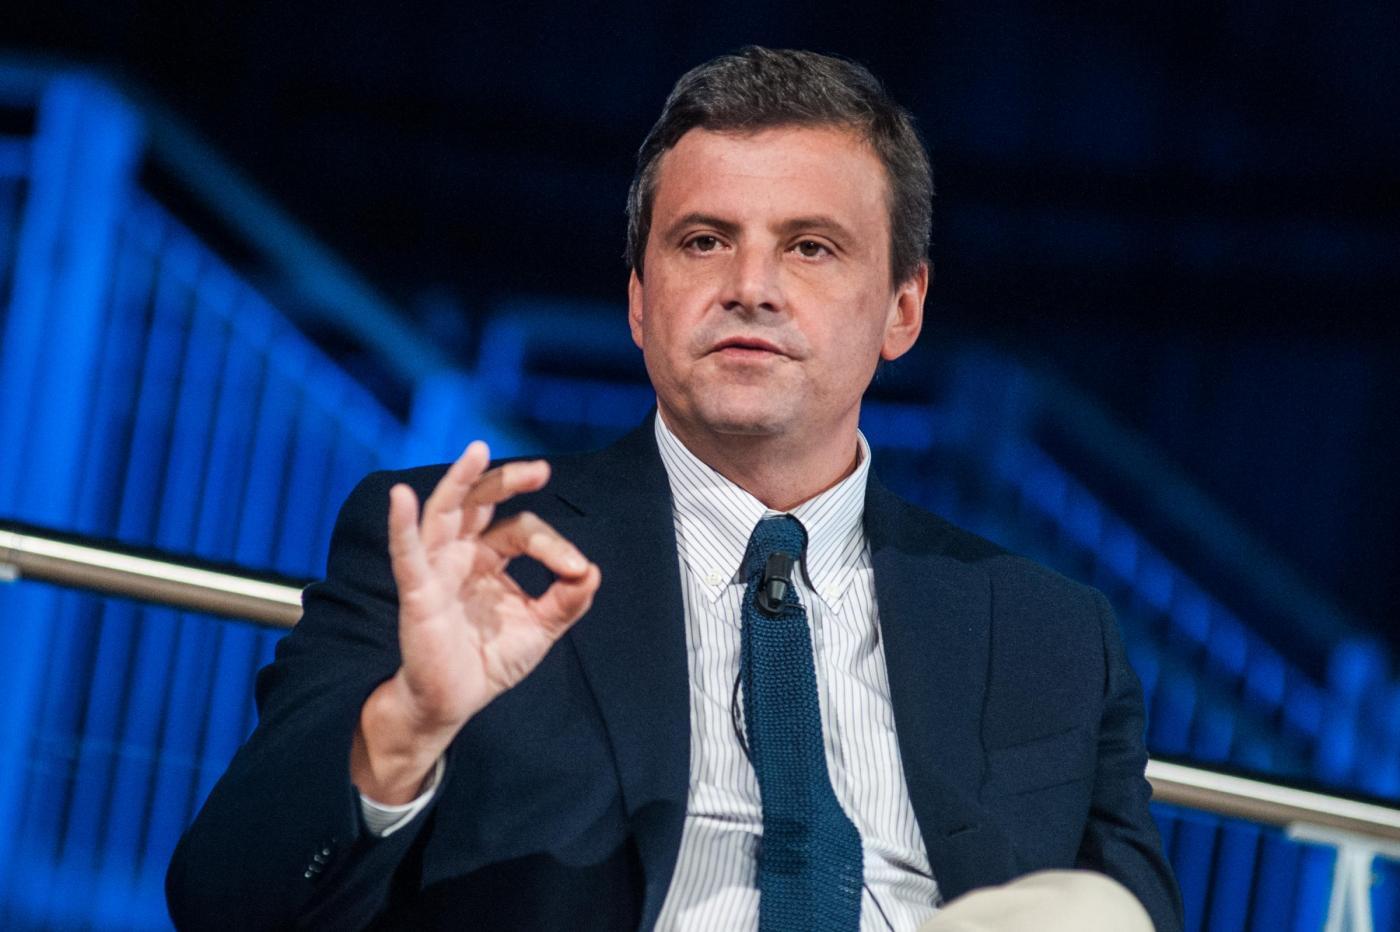 Chi è Carlo Calenda, nuovo ministro dello Sviluppo Economico